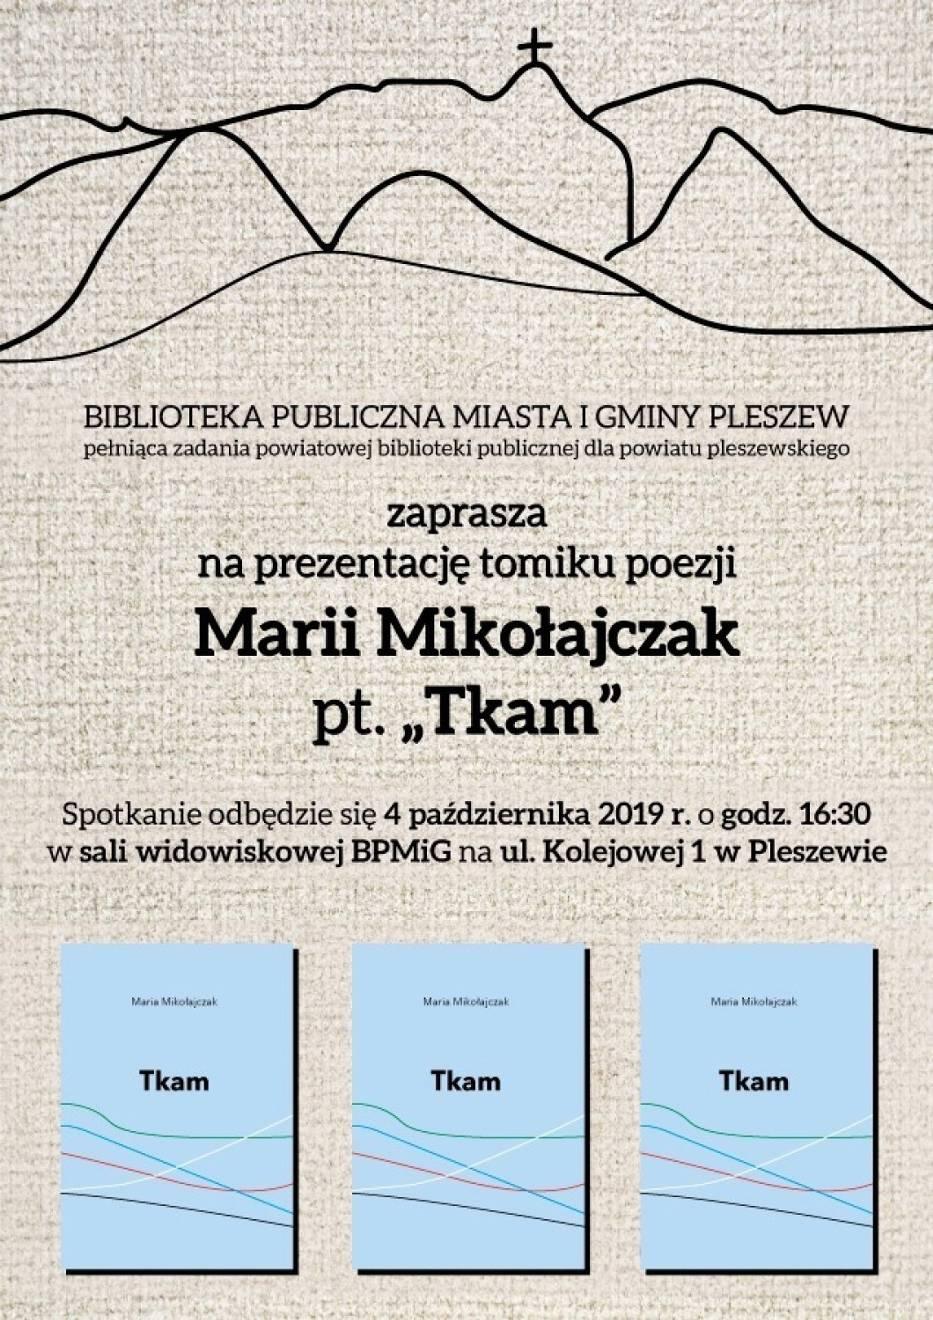 Maria-Mikołajczak.jpg